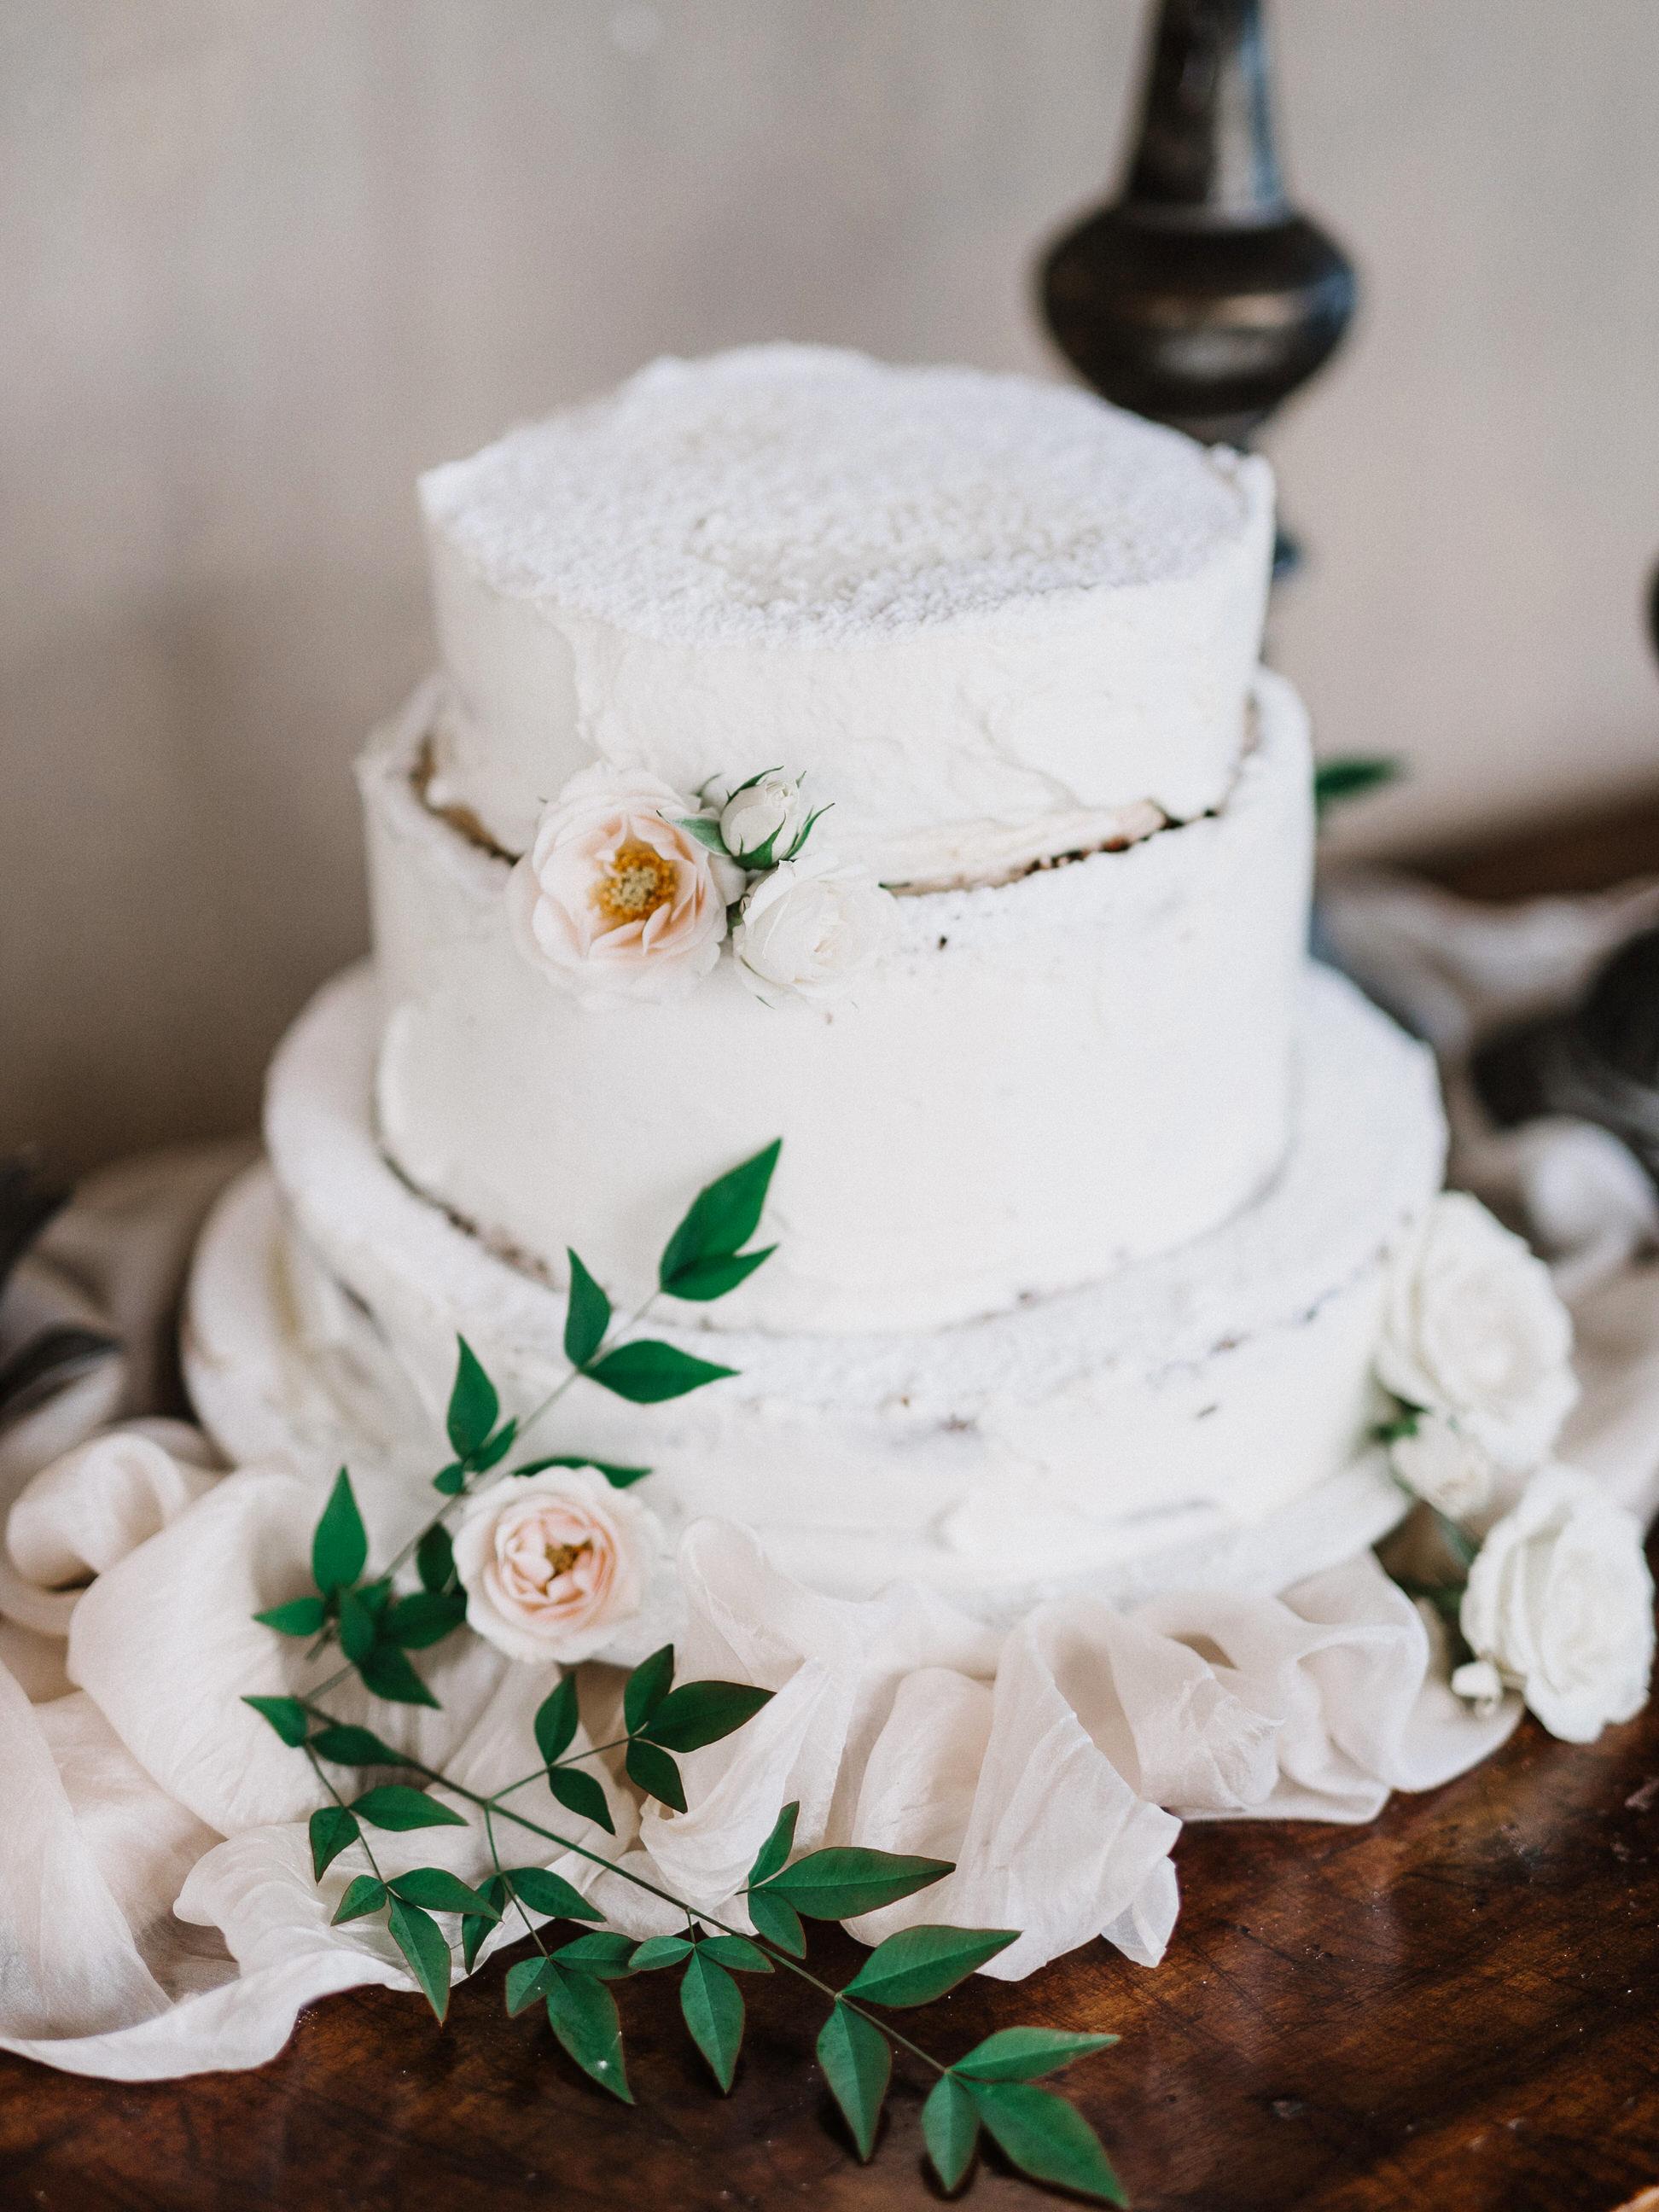 vanilla wedding cakes gianluca mary adovasio